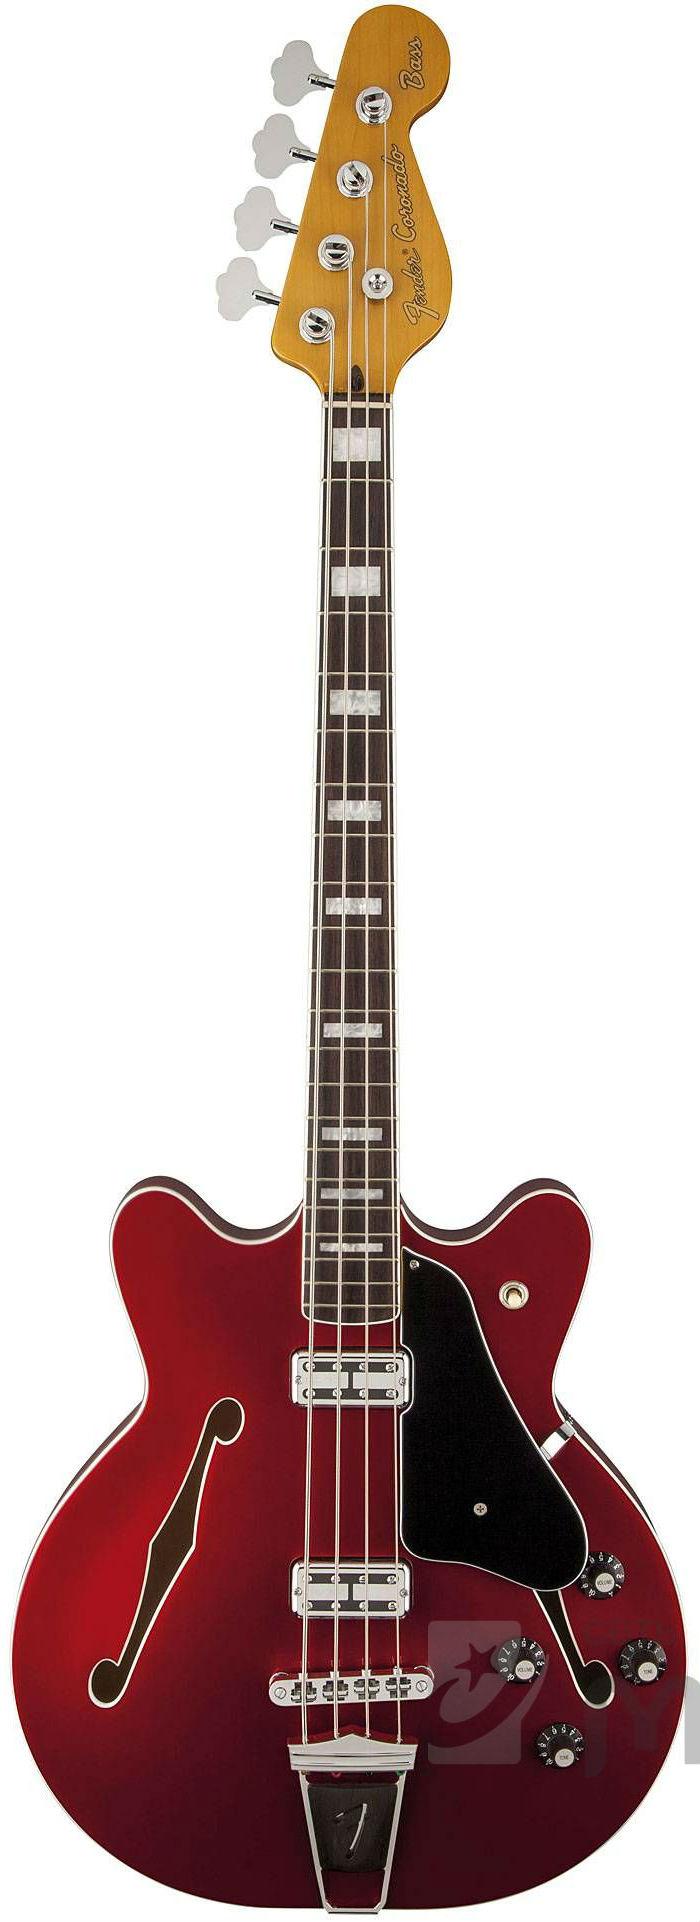 Как выбрать гитару полуакустическую